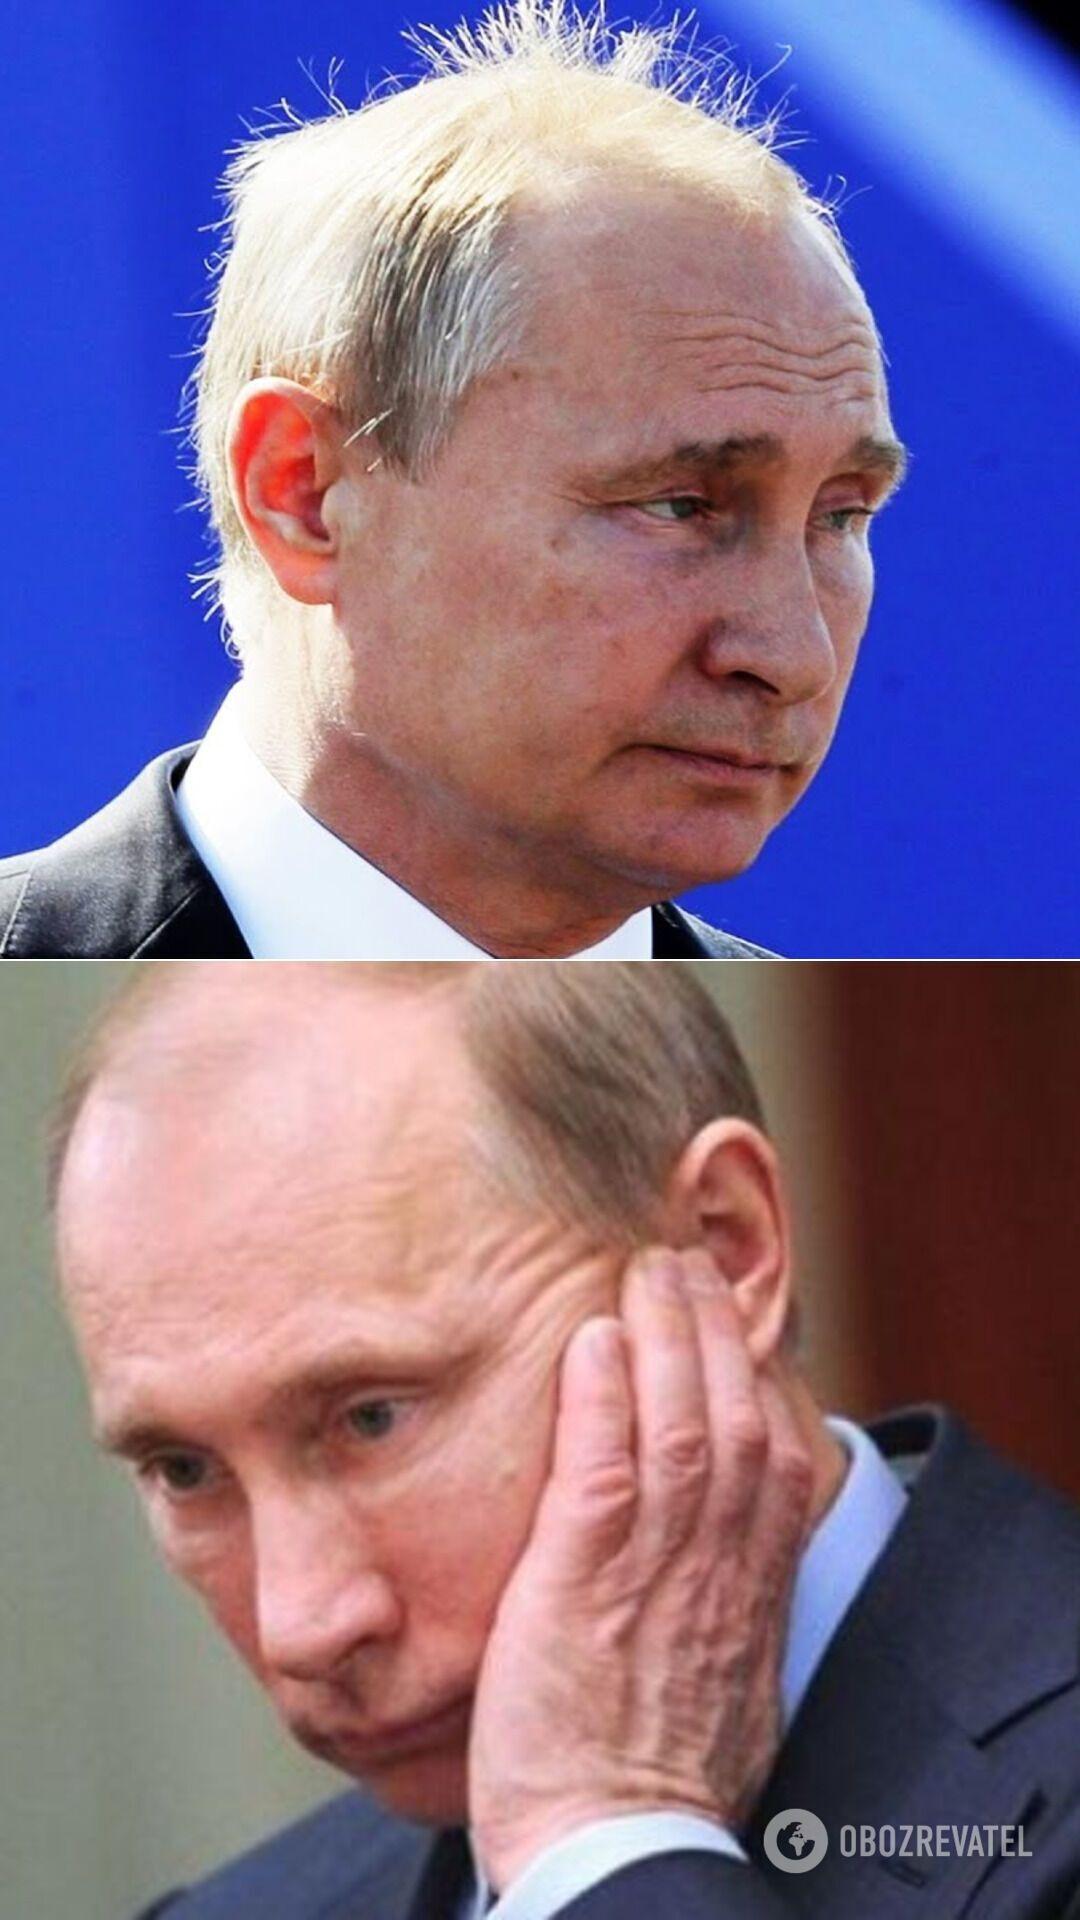 Западные СМИ приписывают Путину болезнь Паркинсона